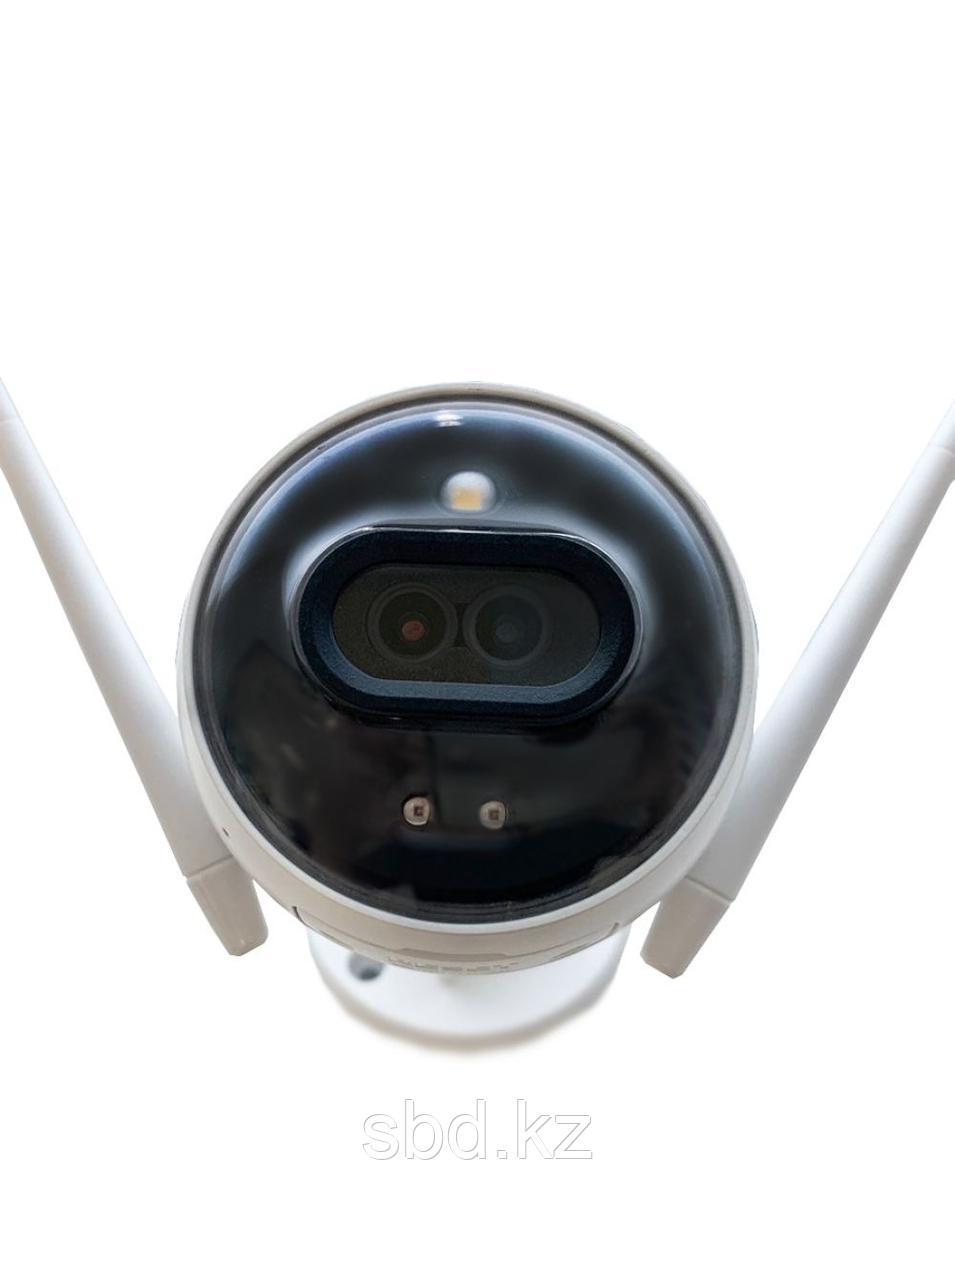 Wi-Fi Уличная Цилиндрическая Камера Видеонаблюдения C3X (CS-CV310-C0-6B22WFR)